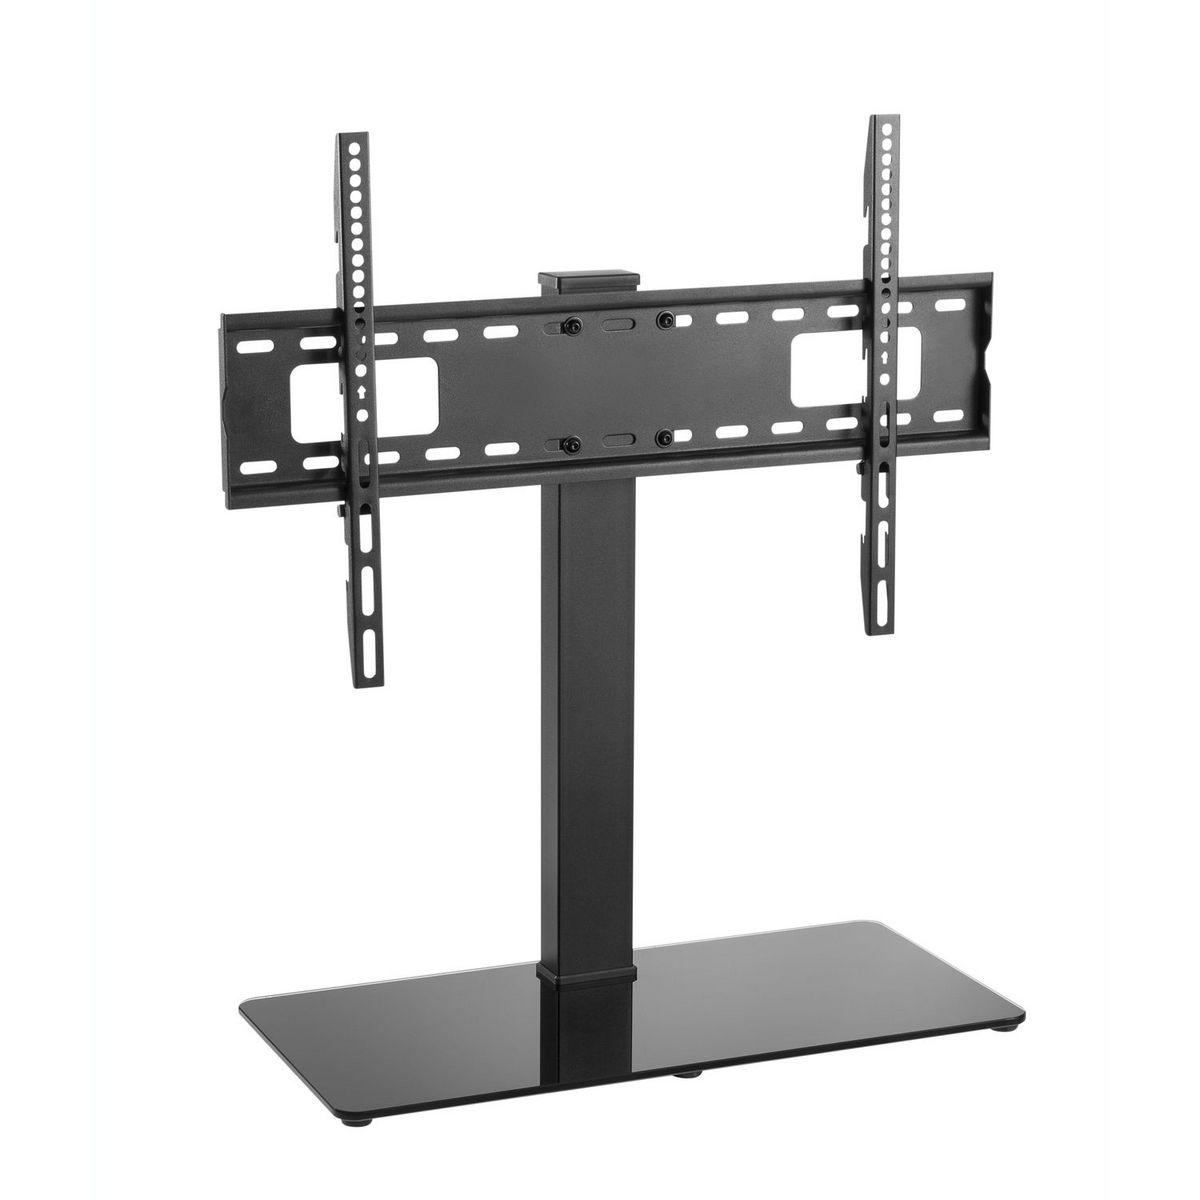 Pied de TV orientable à hauteur ajustable avec range-câble intégré SU-P70V 32 à 70 pouces - Noir